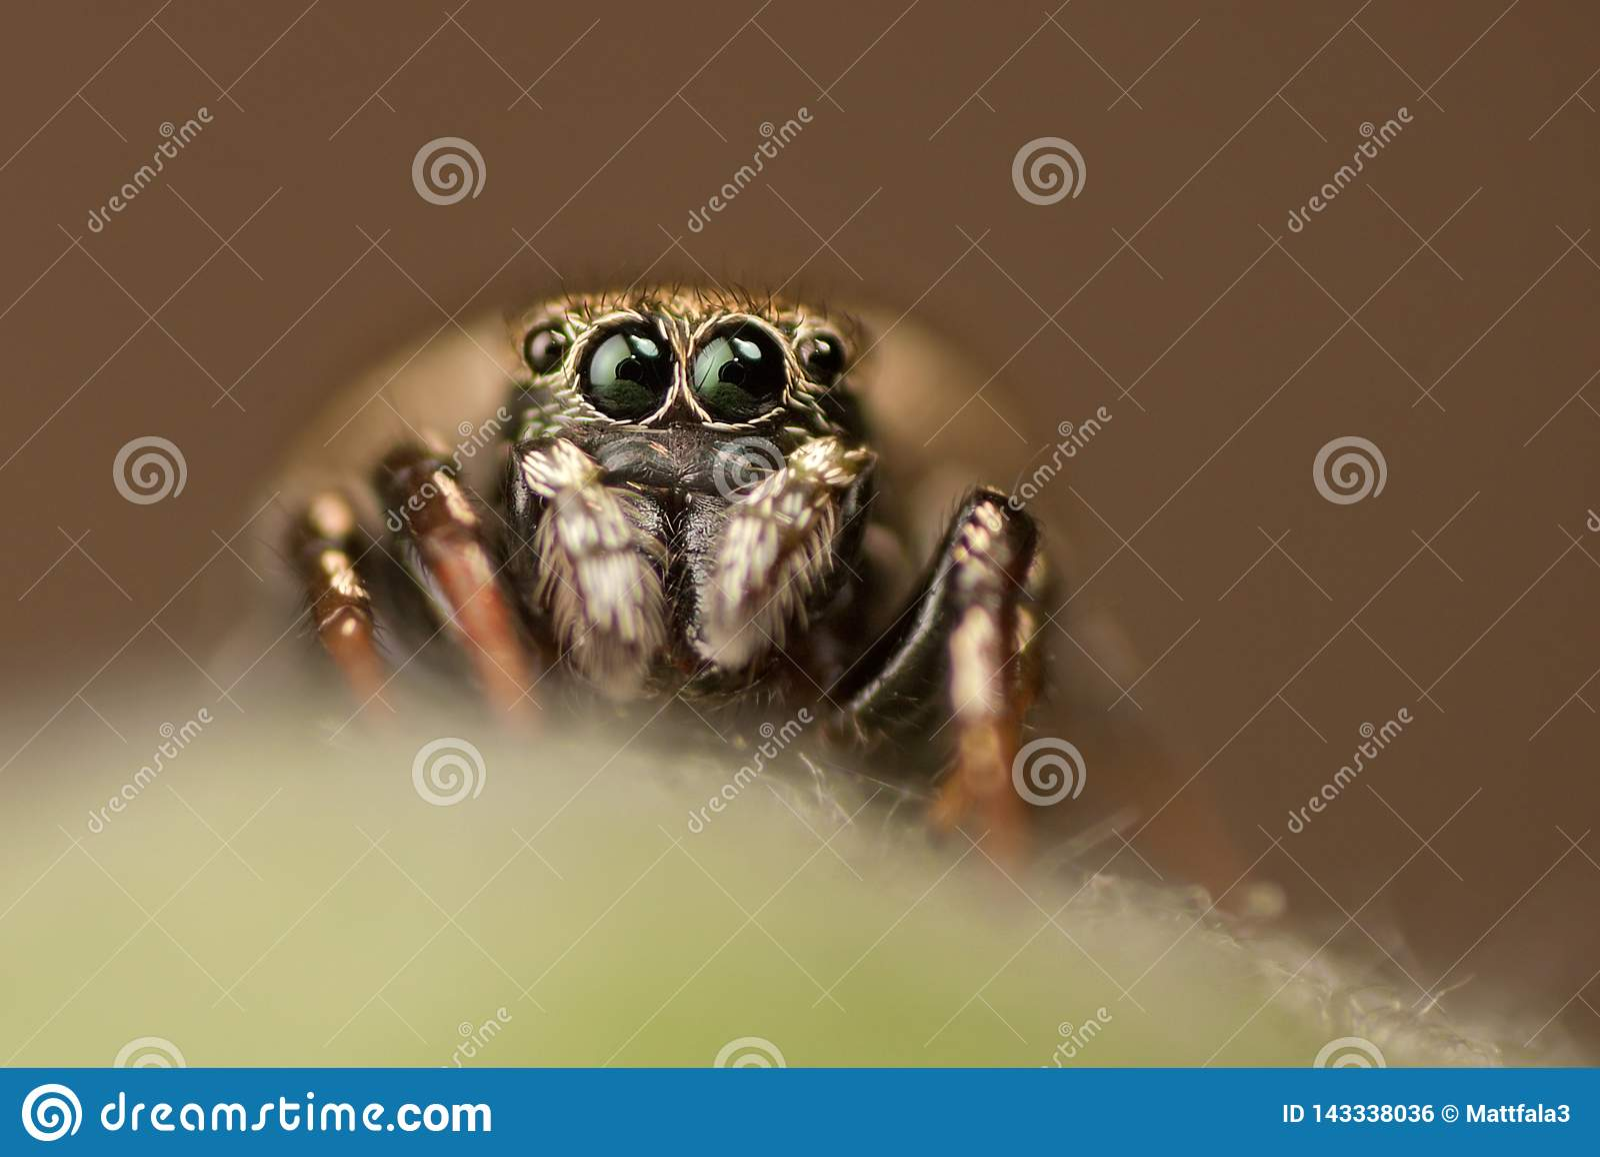 Araignée sautante regardant la caméra